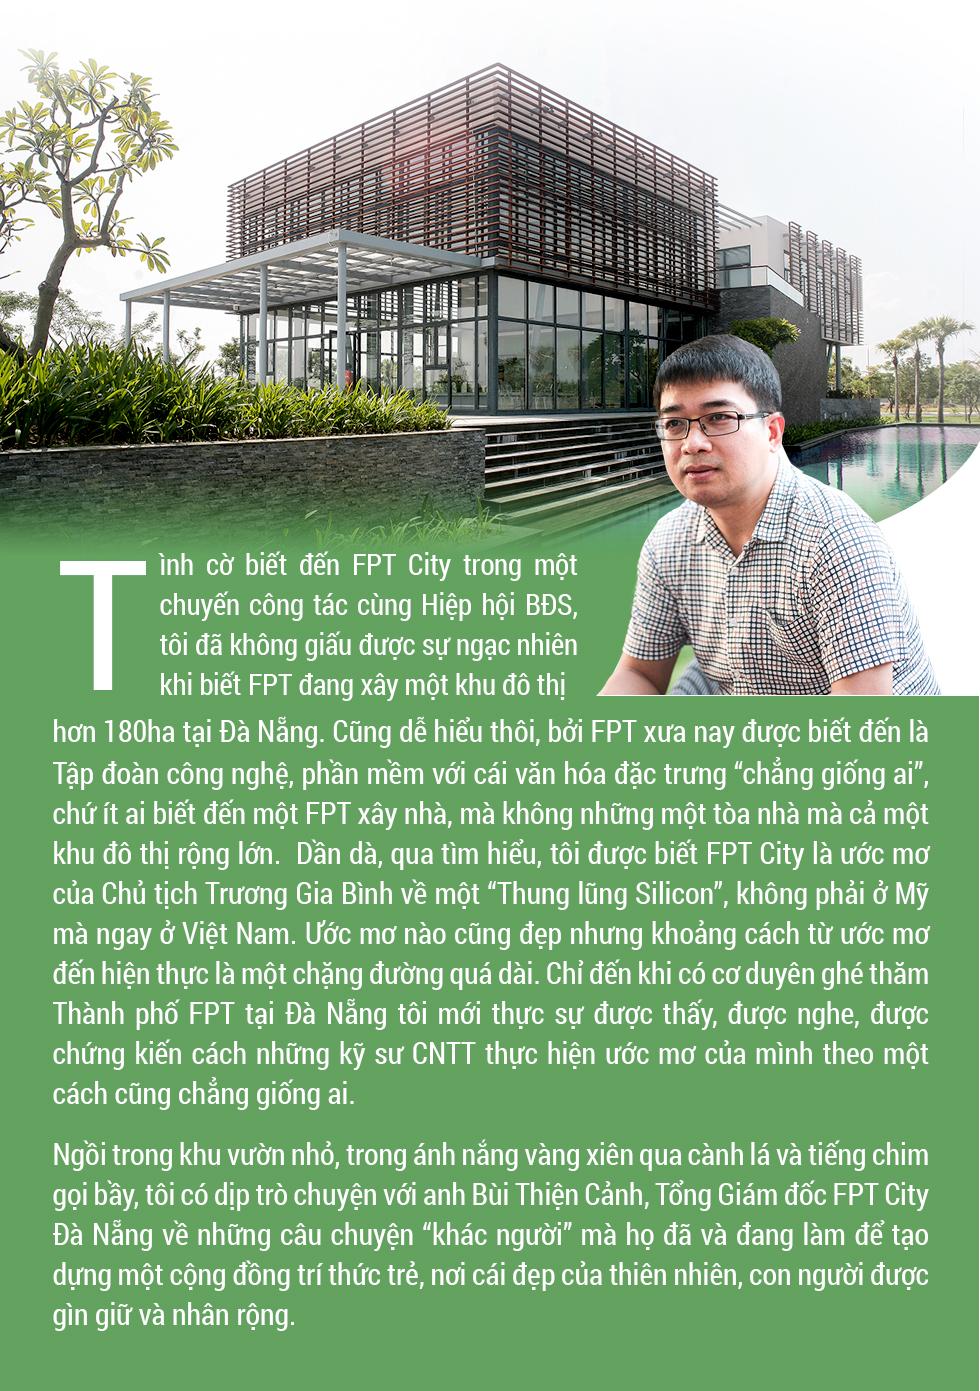 """Xây nhà 'kiểu' FPT: """"Cái đích của mọi công nghệ là để kết nối cộng đồng và trở về với thiên nhiên"""" - Ảnh 1."""